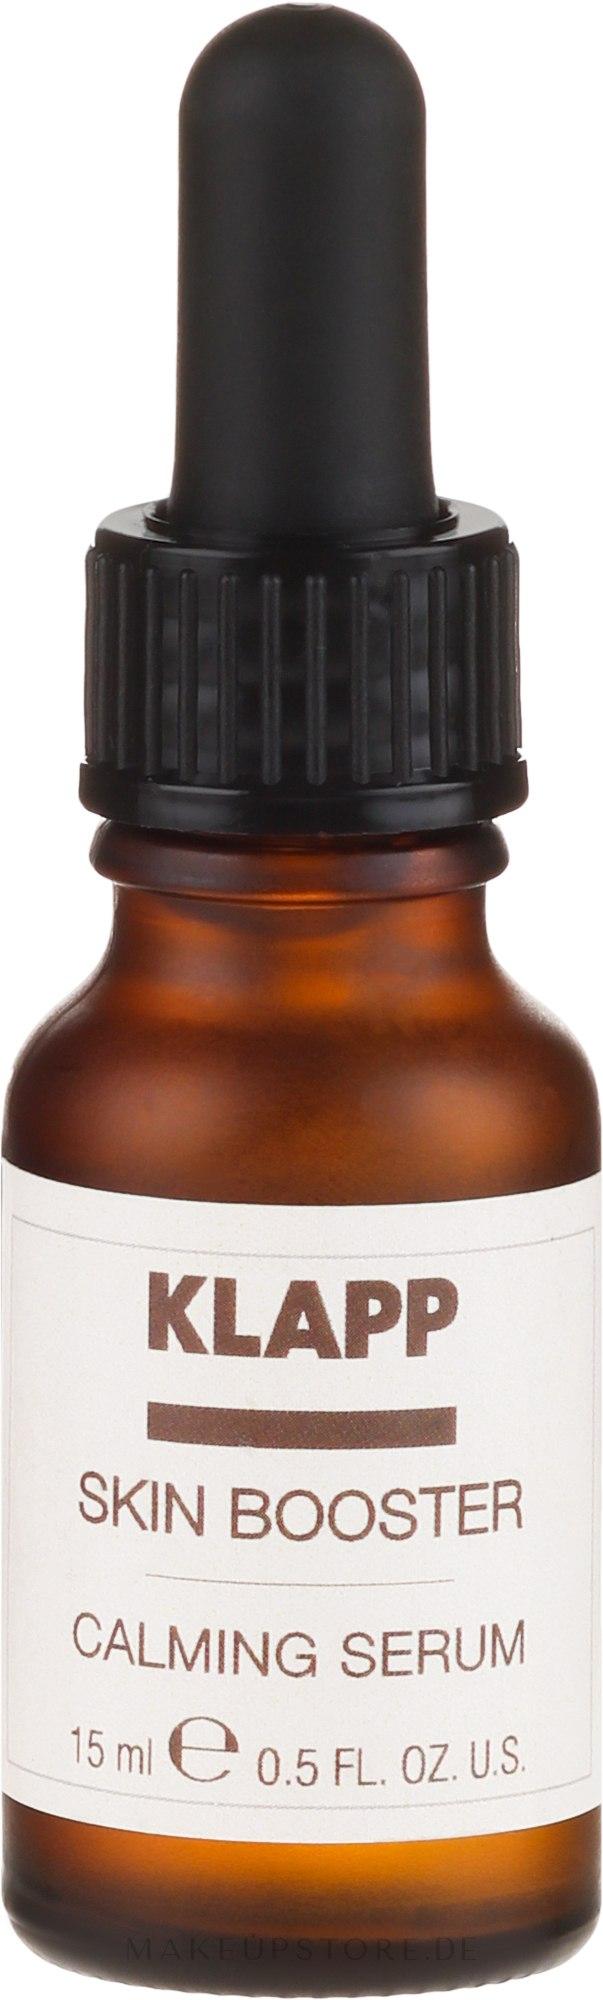 Beruhigendes Gesichtsserum - Klapp Skin Booster Calming Serum — Bild 15 ml